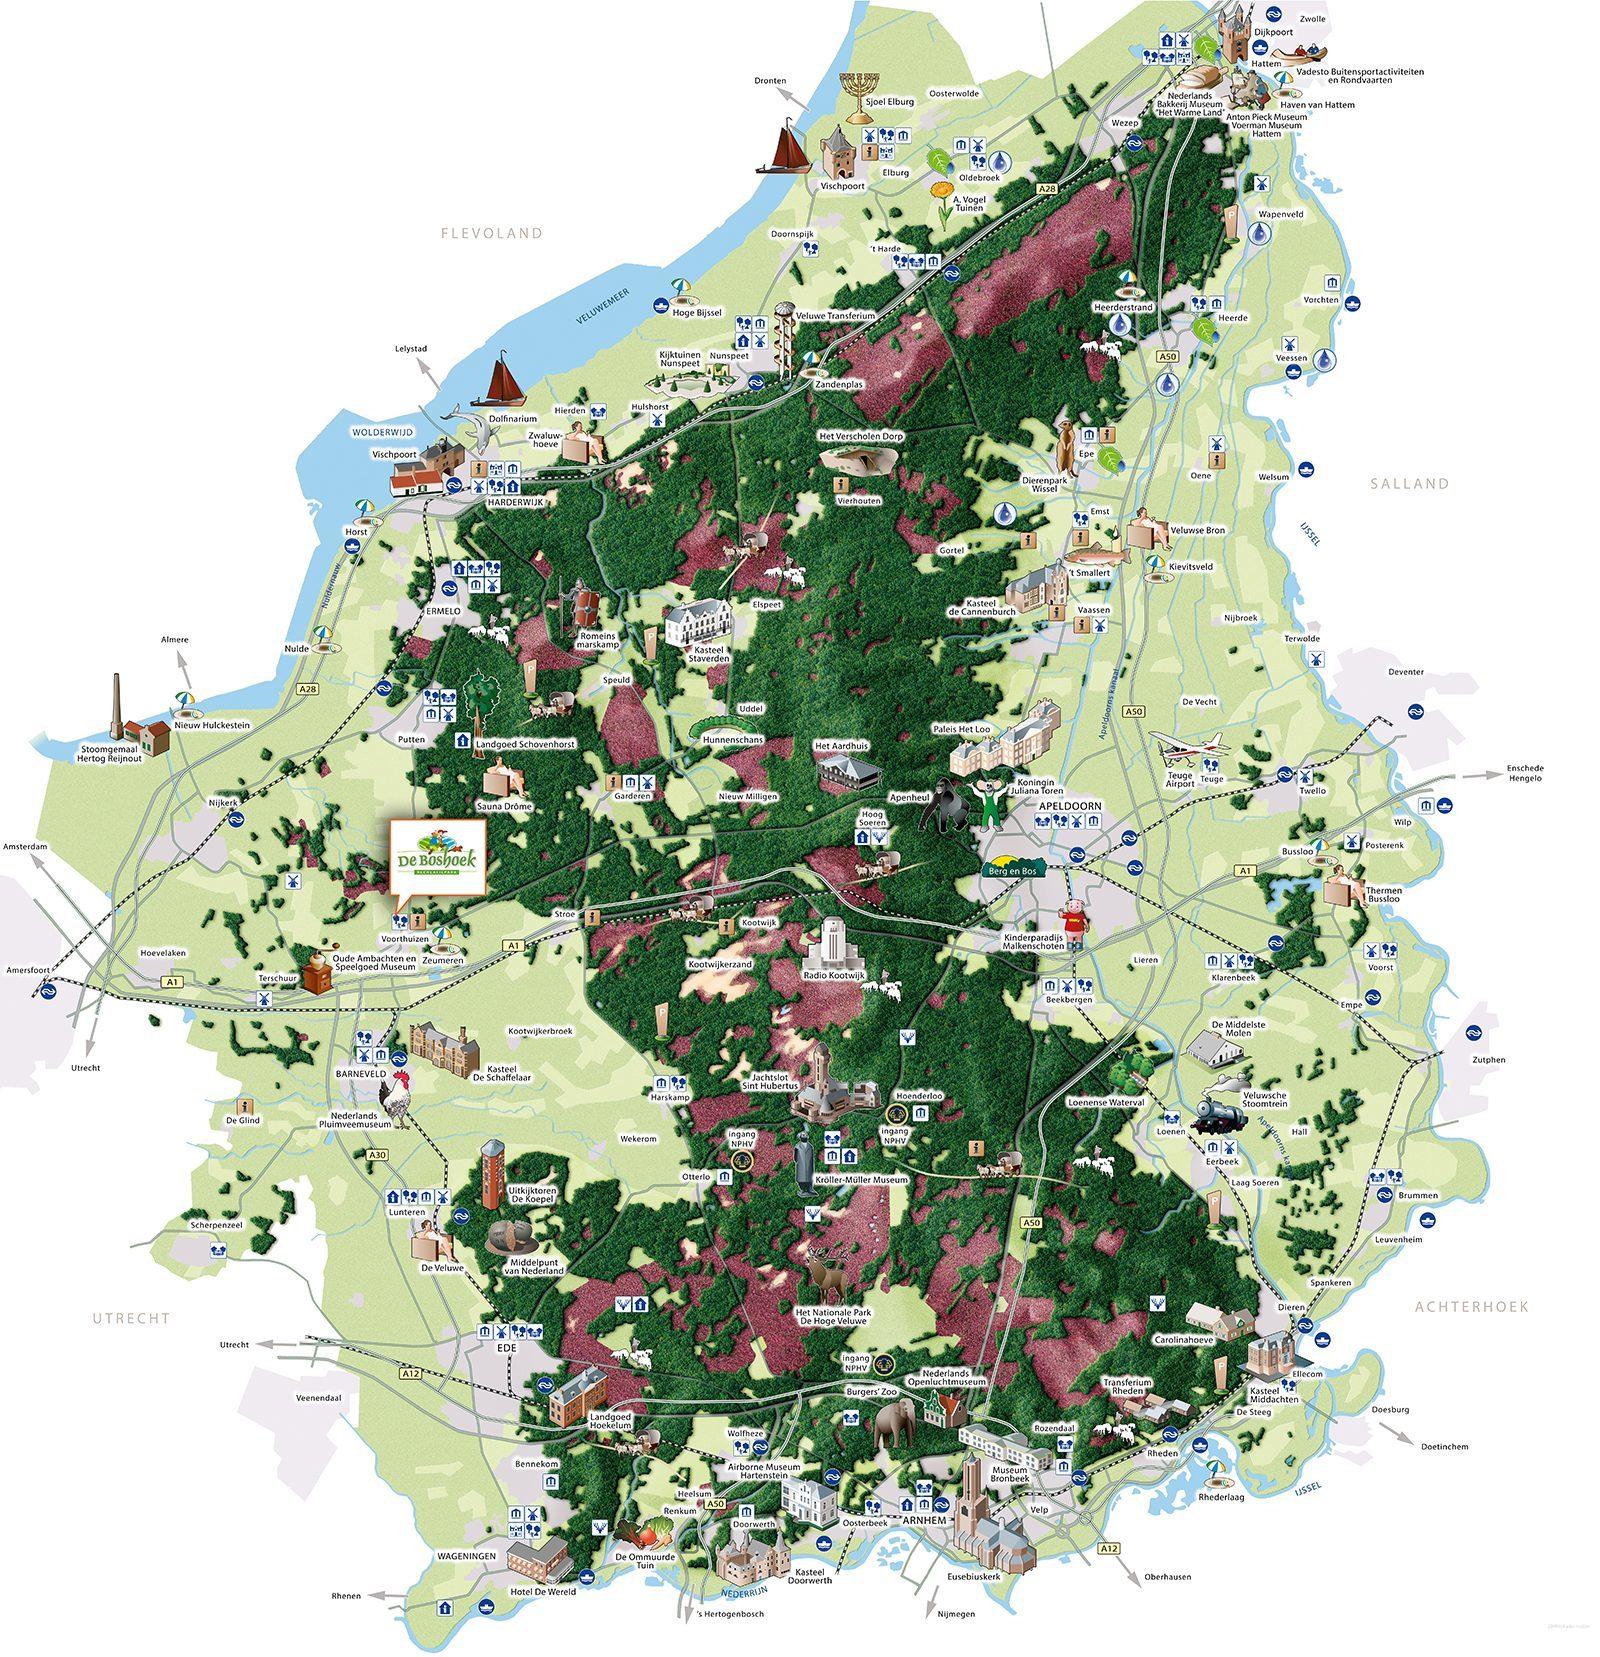 Karte der Aktivitäten und Attraktionen in der Gegend um De Boshoek in Voorthuizen